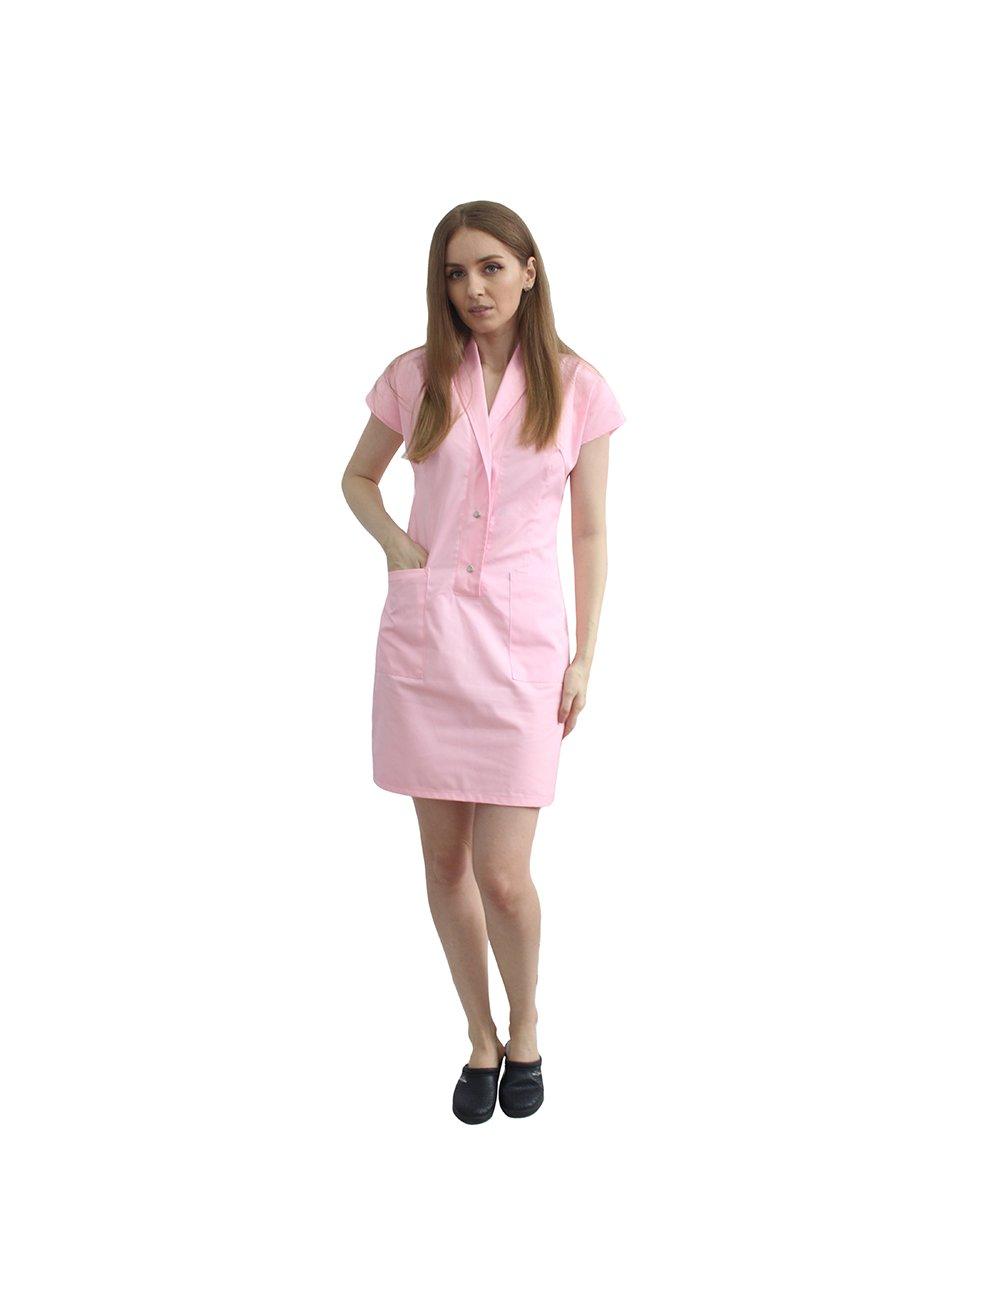 Sarafan roz pal cu capse, doua buzunare inferioare aplicate